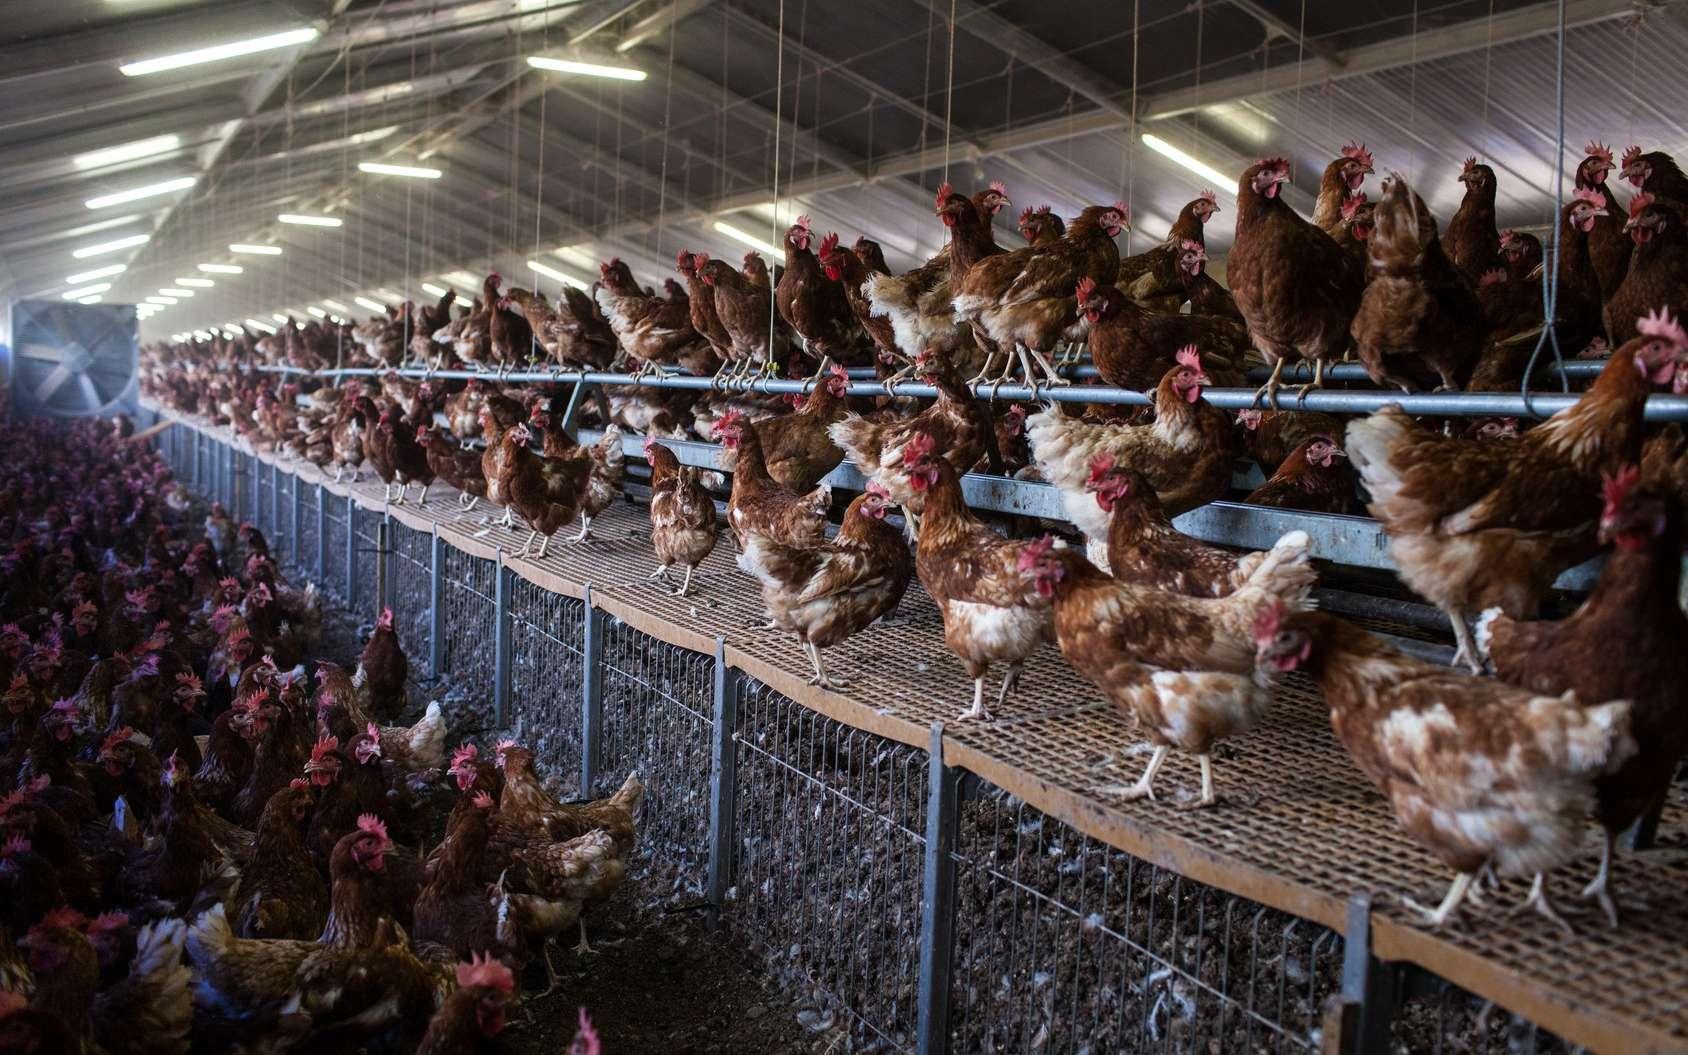 L'OMS demande une réduction des antibiotiques en ce qui concerne l'alimentation animale. Les élevages intensifs favorisent la transmission des infections, et donc l'usage des traitements antibiotiques. © phb.me, Fotolia